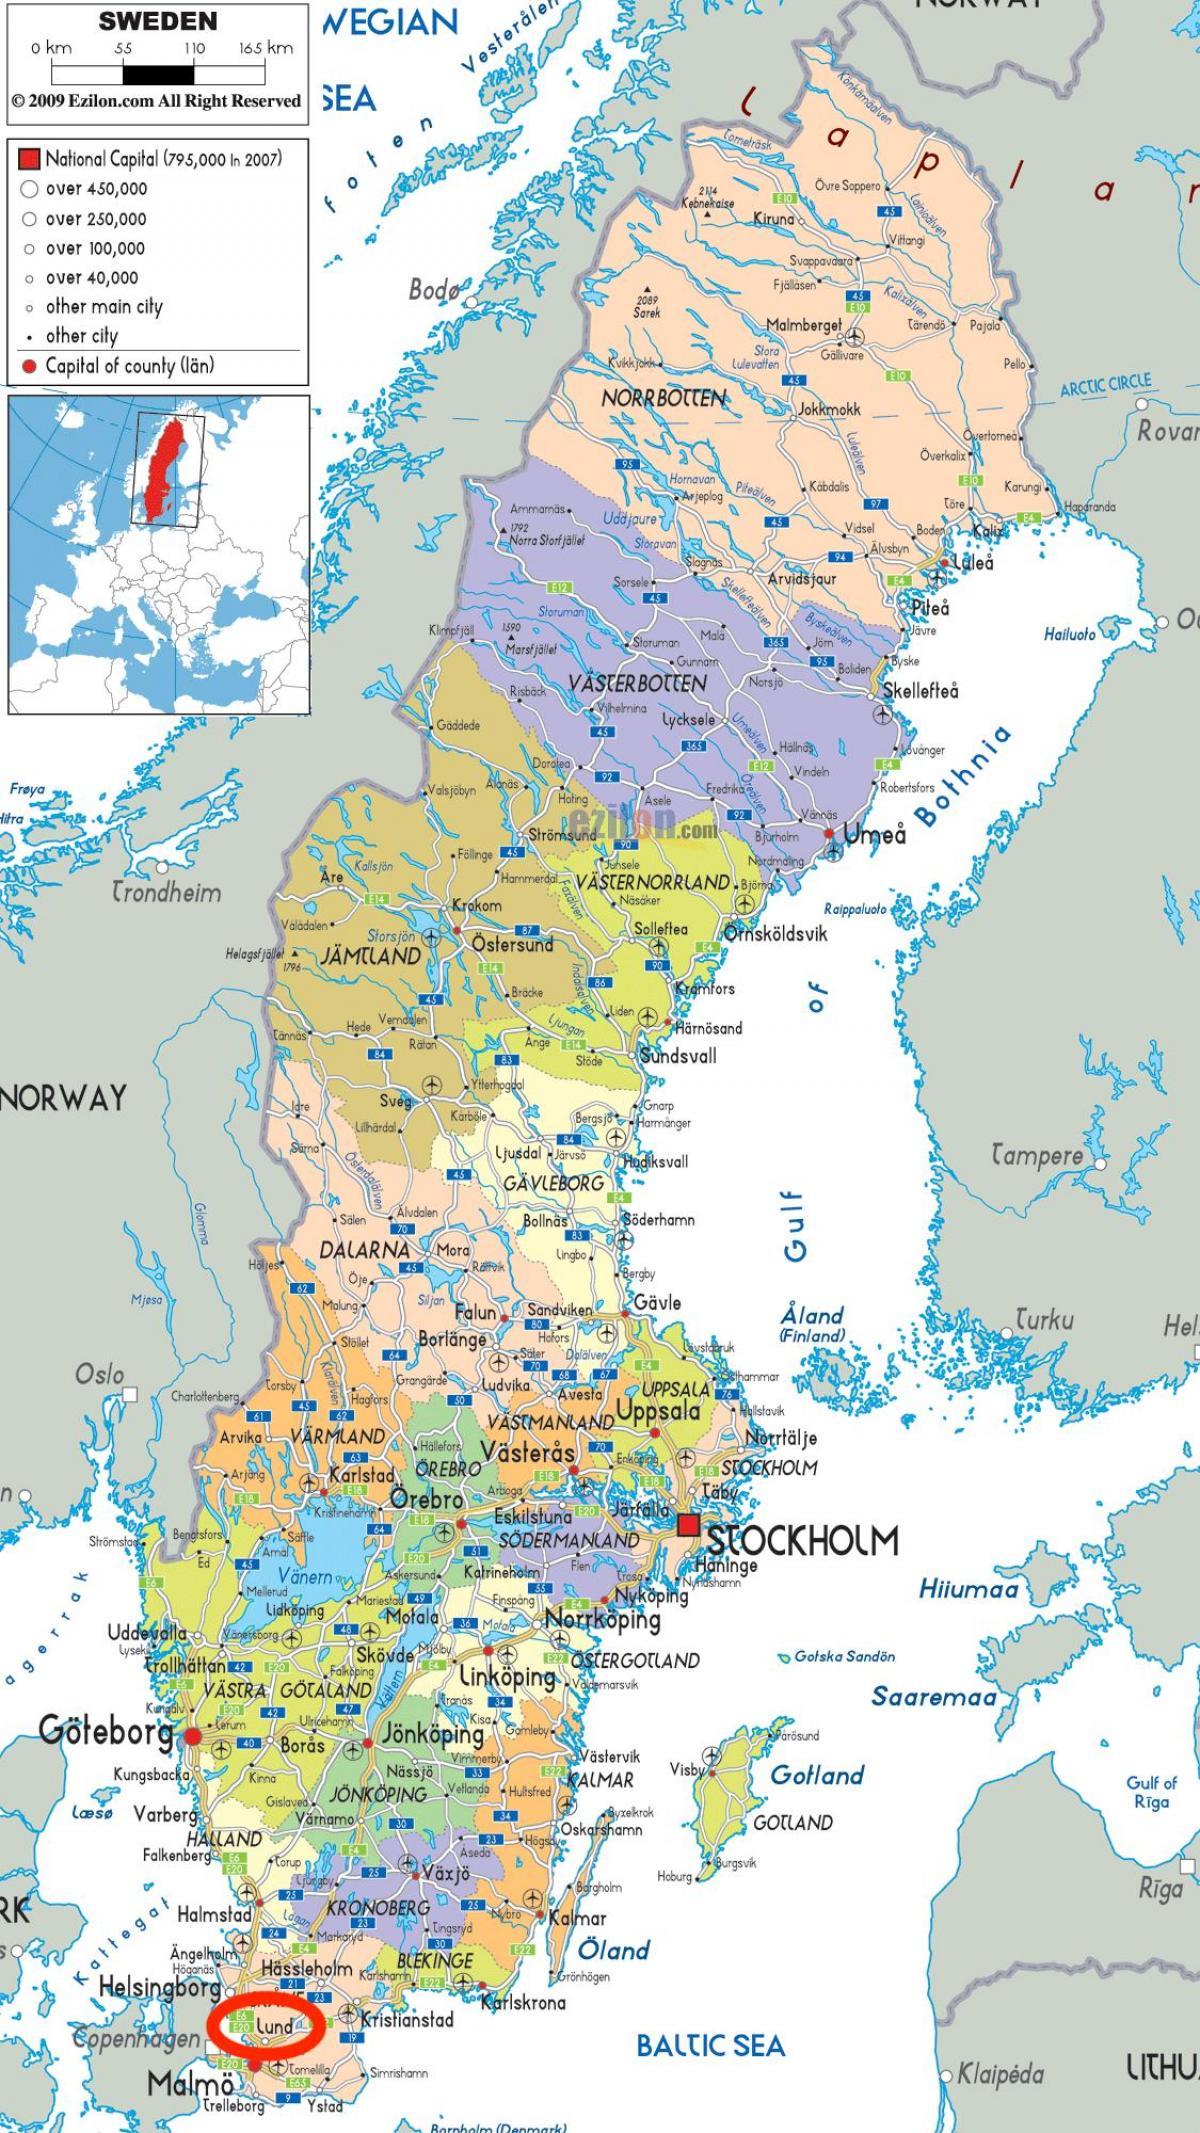 Lund Ruotsi Kartta Kartta Lund Ruotsi Pohjois Eurooppa Eurooppa